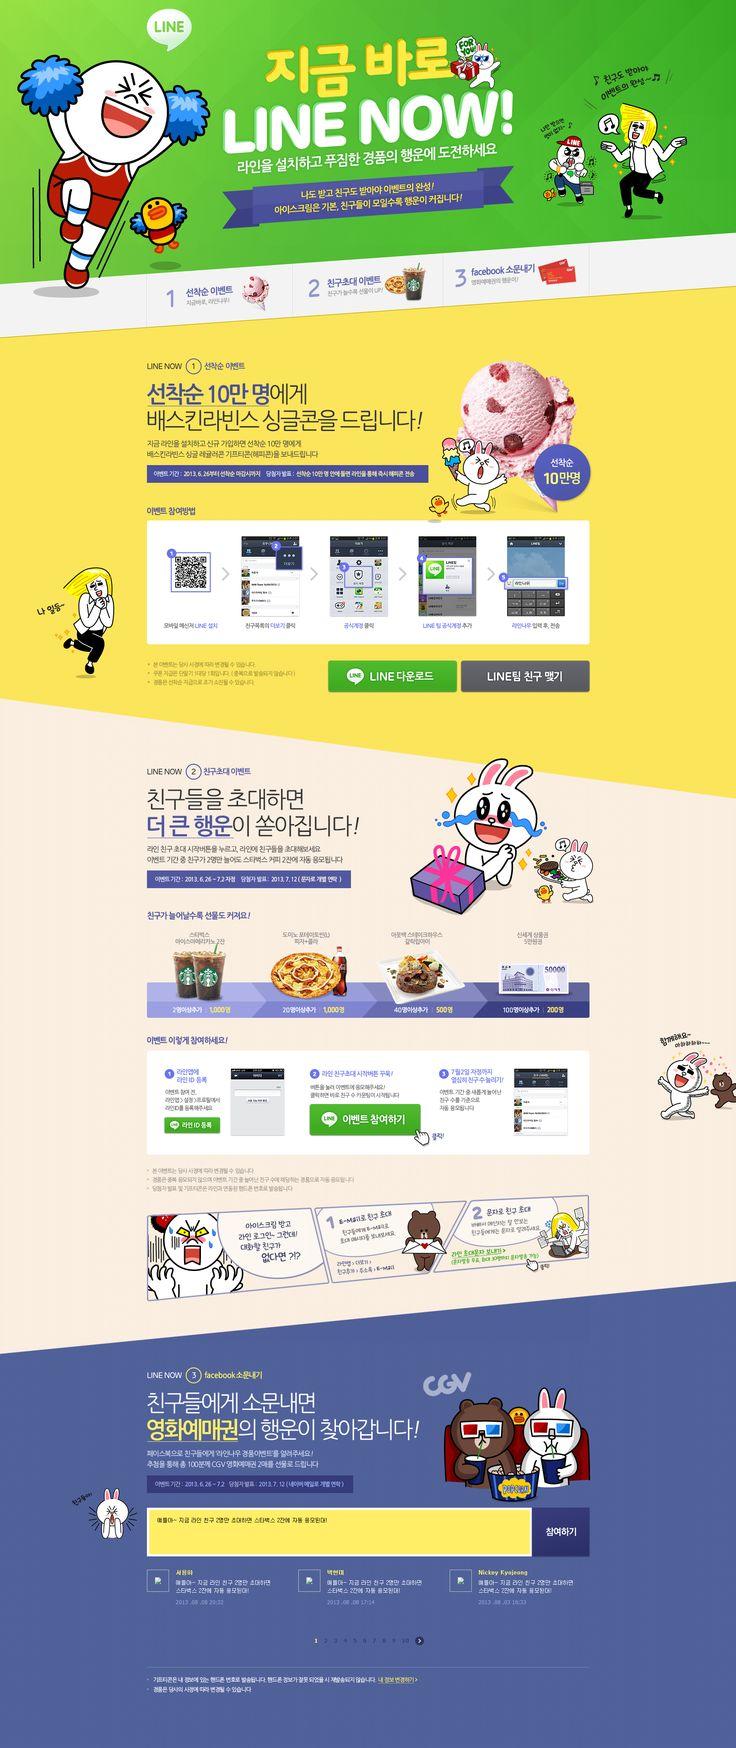 라인 나우 이벤트 #Web# #色彩#@黑眼豆豆12采集到专题设计(126图)_花瓣